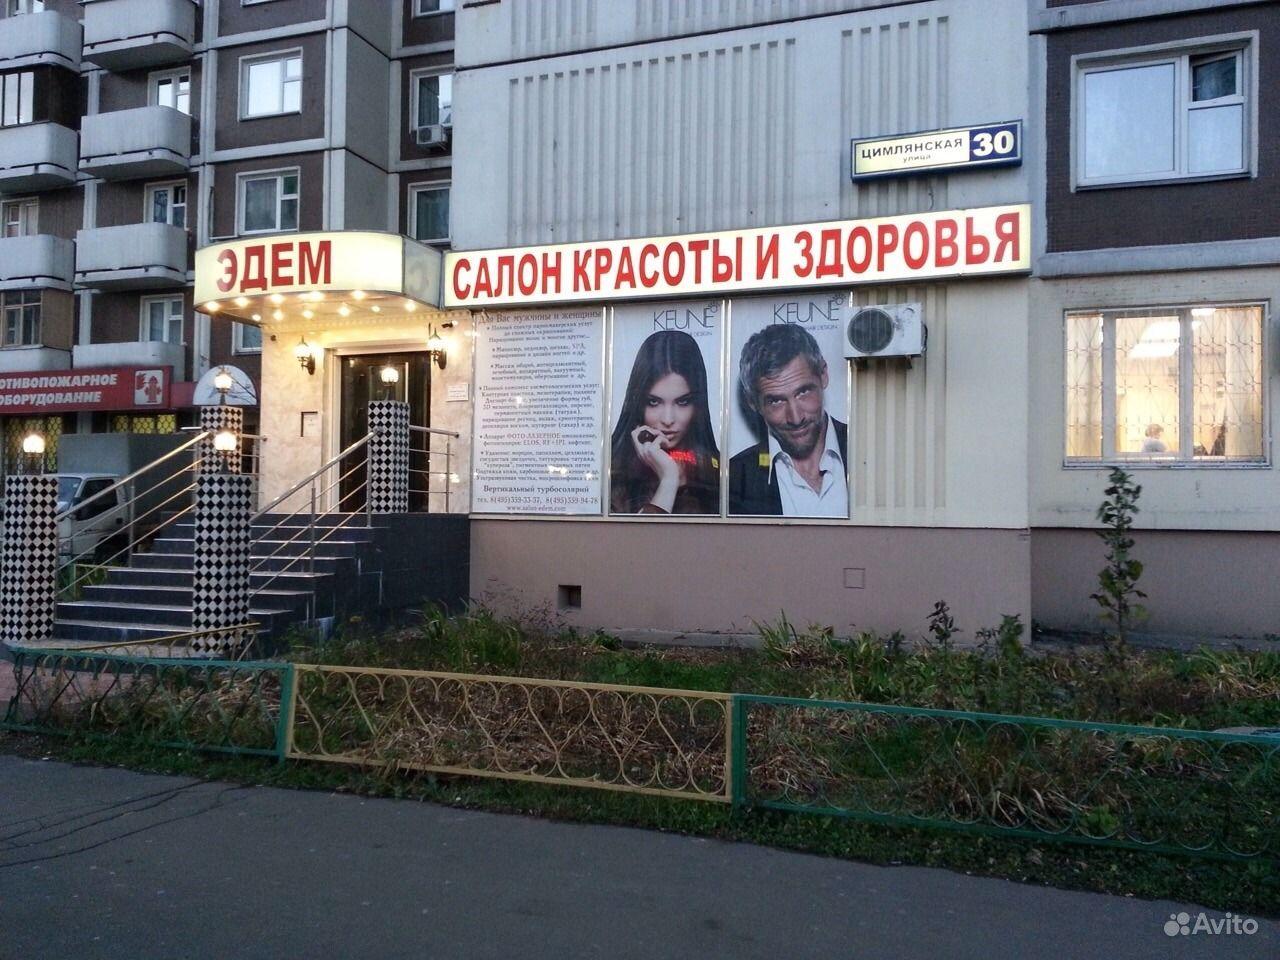 вакансии администратор салона красоты 2007г: